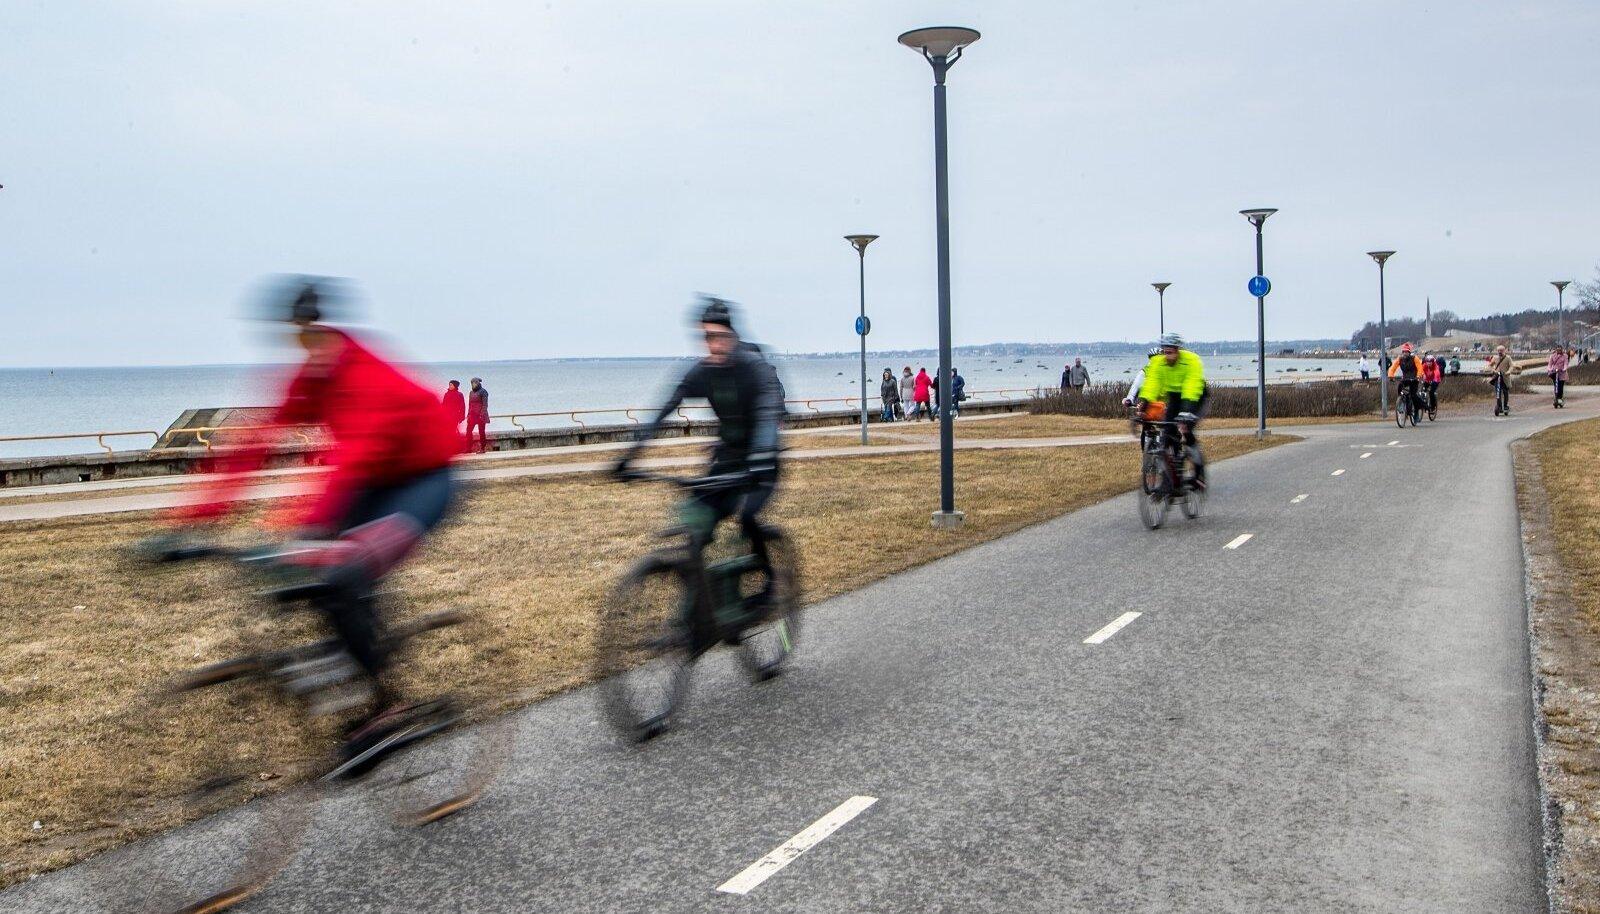 Pop up rattateed - sõiduteed jagatakse ajutiselt ümber jalgratturite kasuks. Fotol ratturid Reidi teel